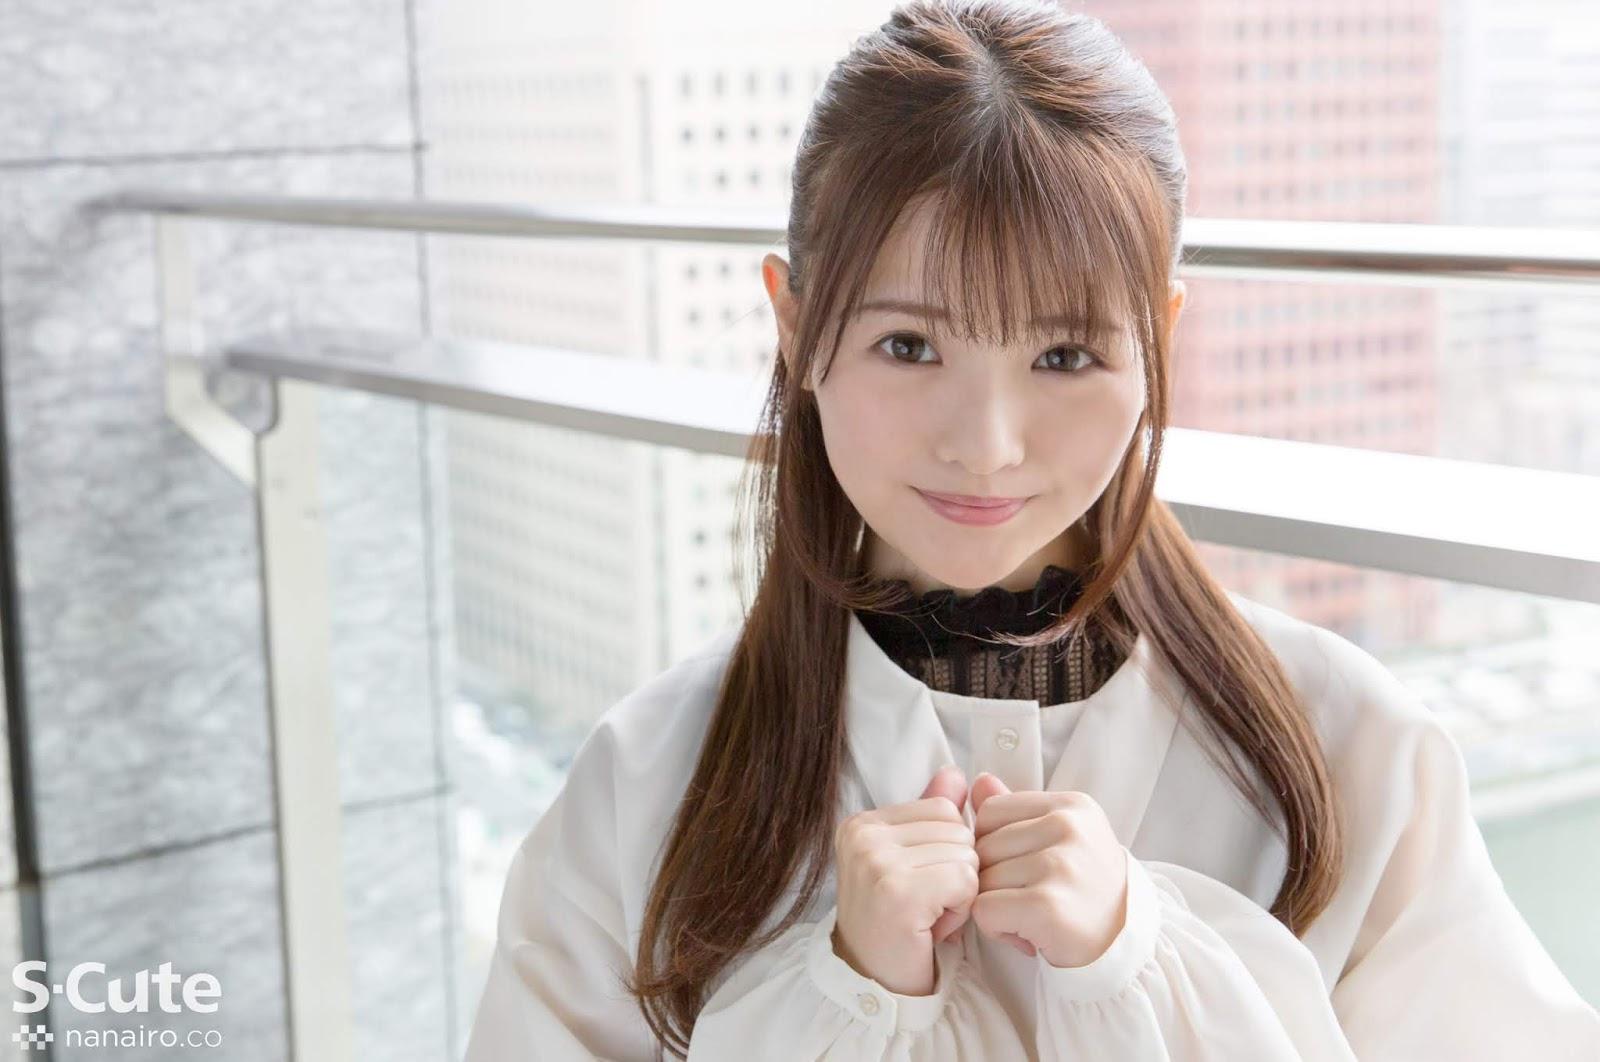 195281__S-Cute_768_yui_01_cover S-Cute 768_yui_01 素直な言葉でナチュラルセックス/Yui s-cute 05190